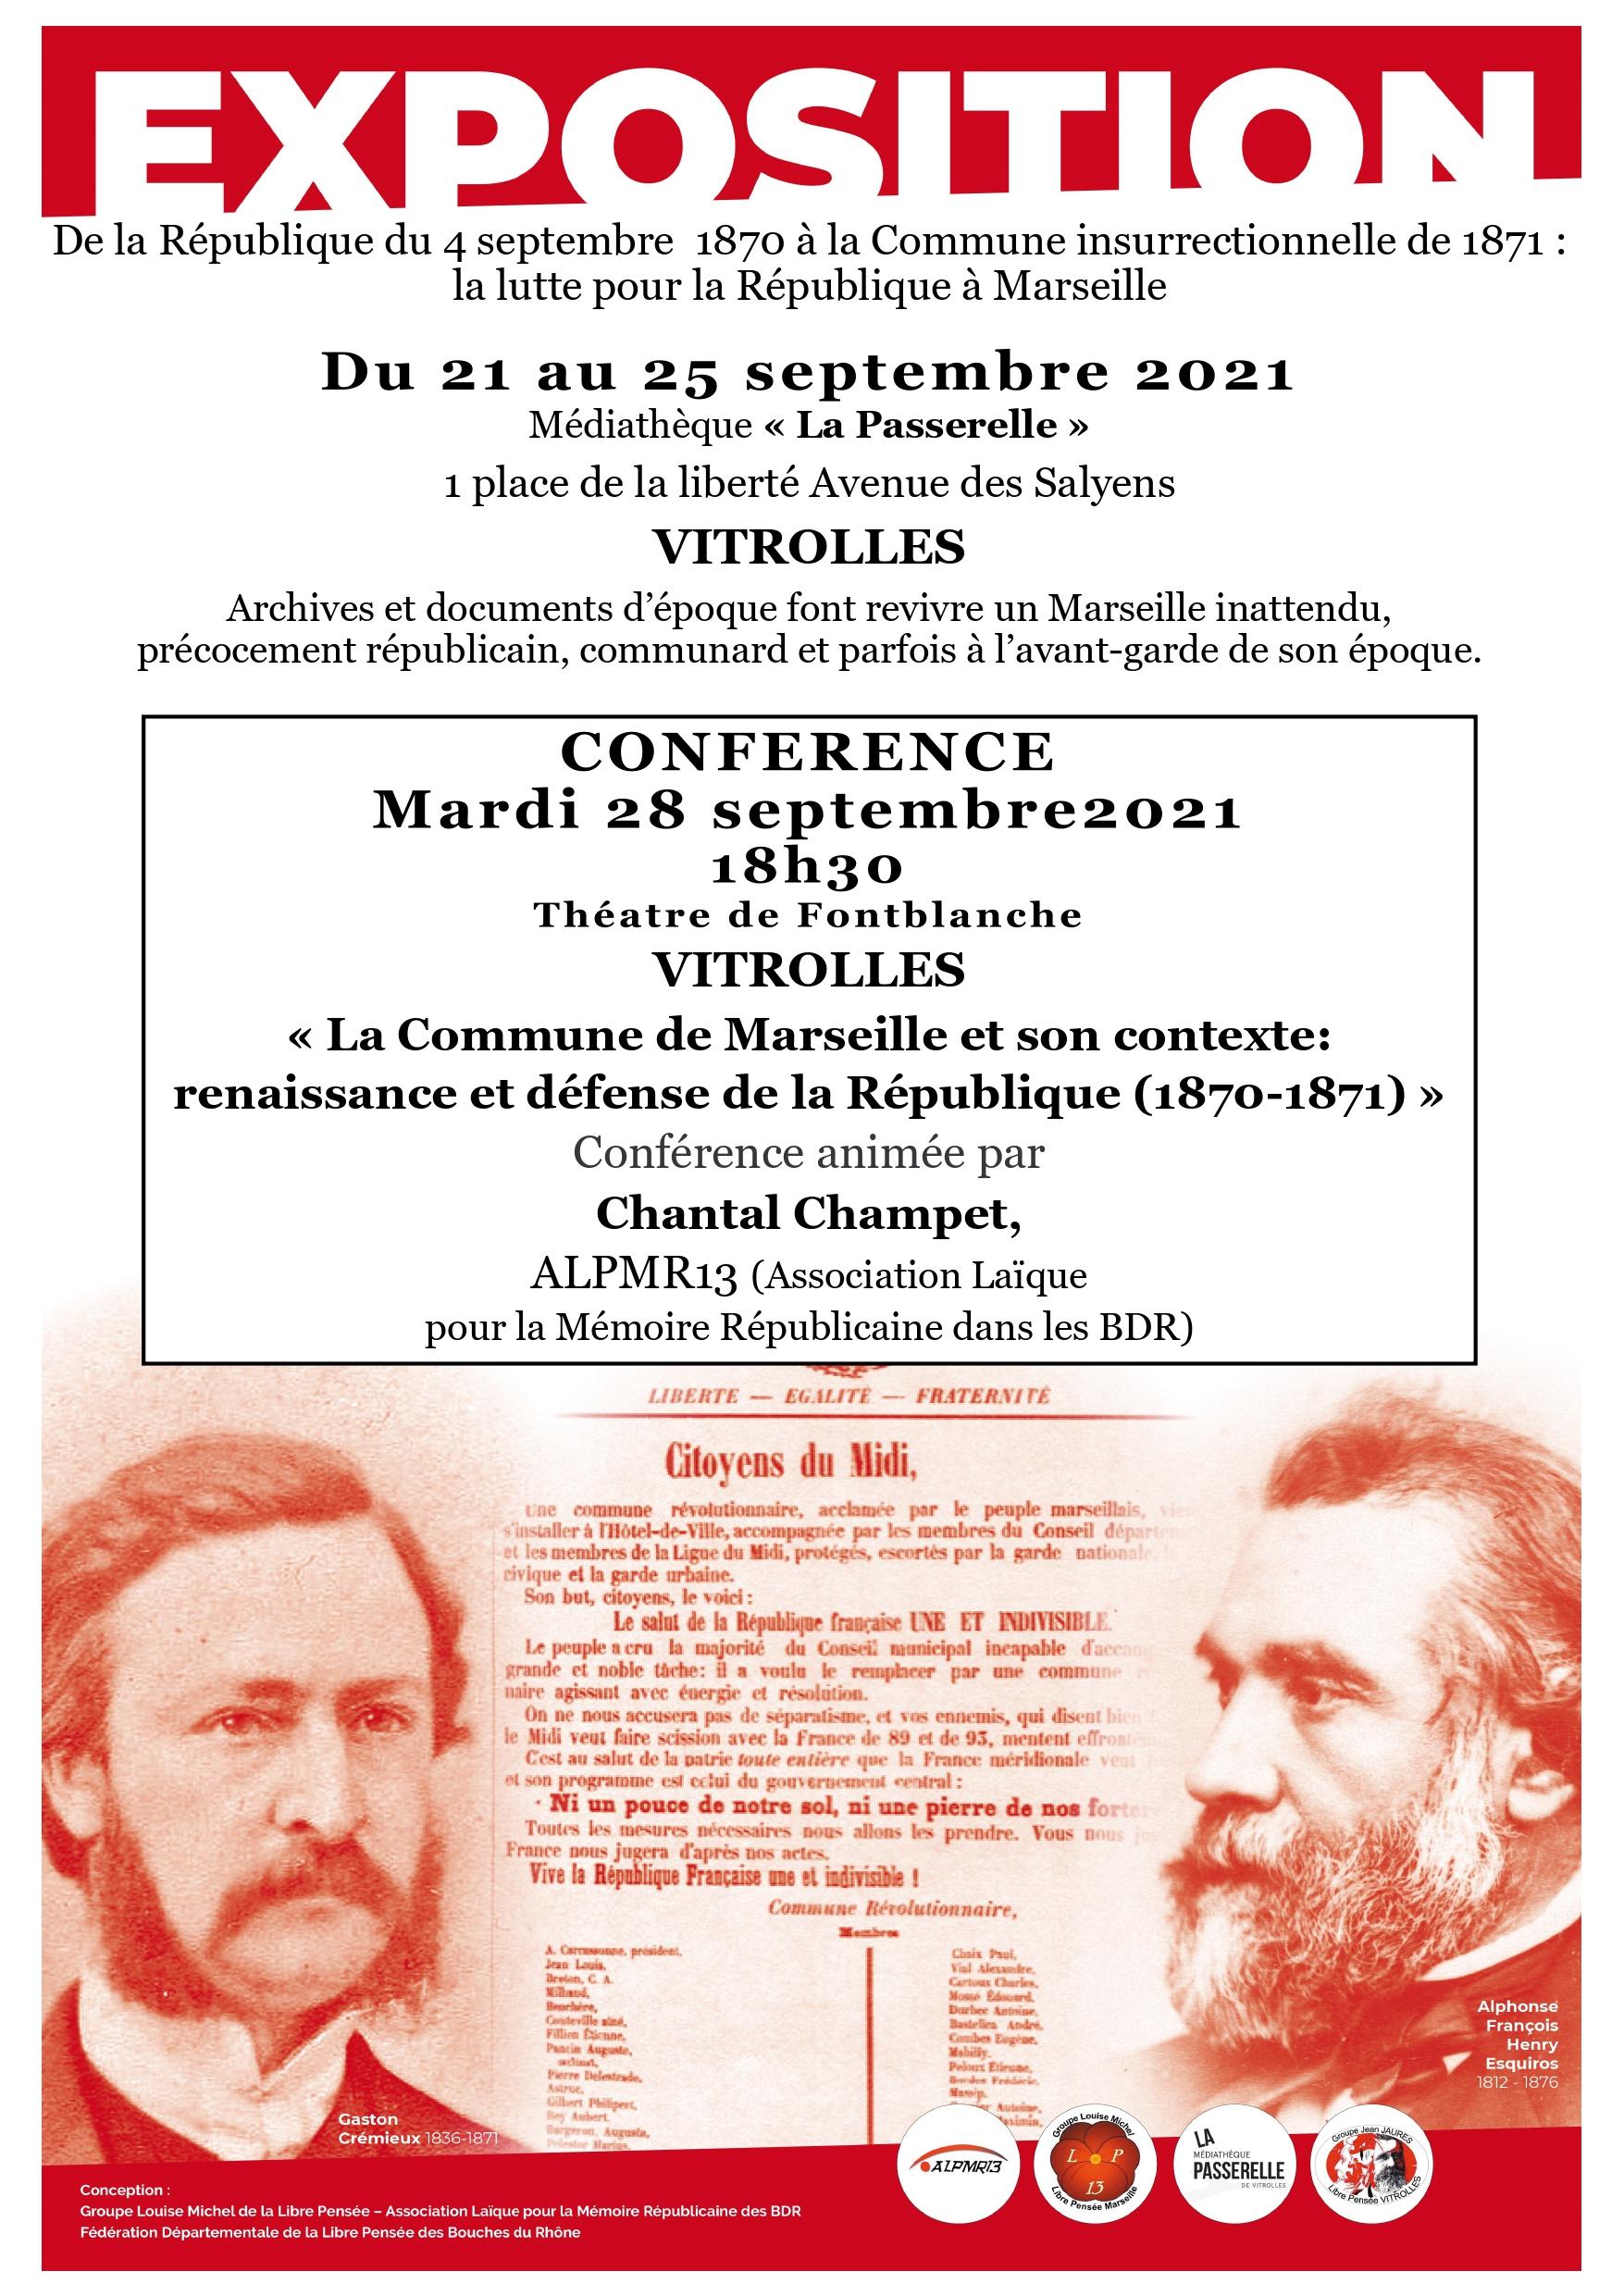 La Commune de Marseille et son contexte : renaissance et défense de la République (1870-1871) |